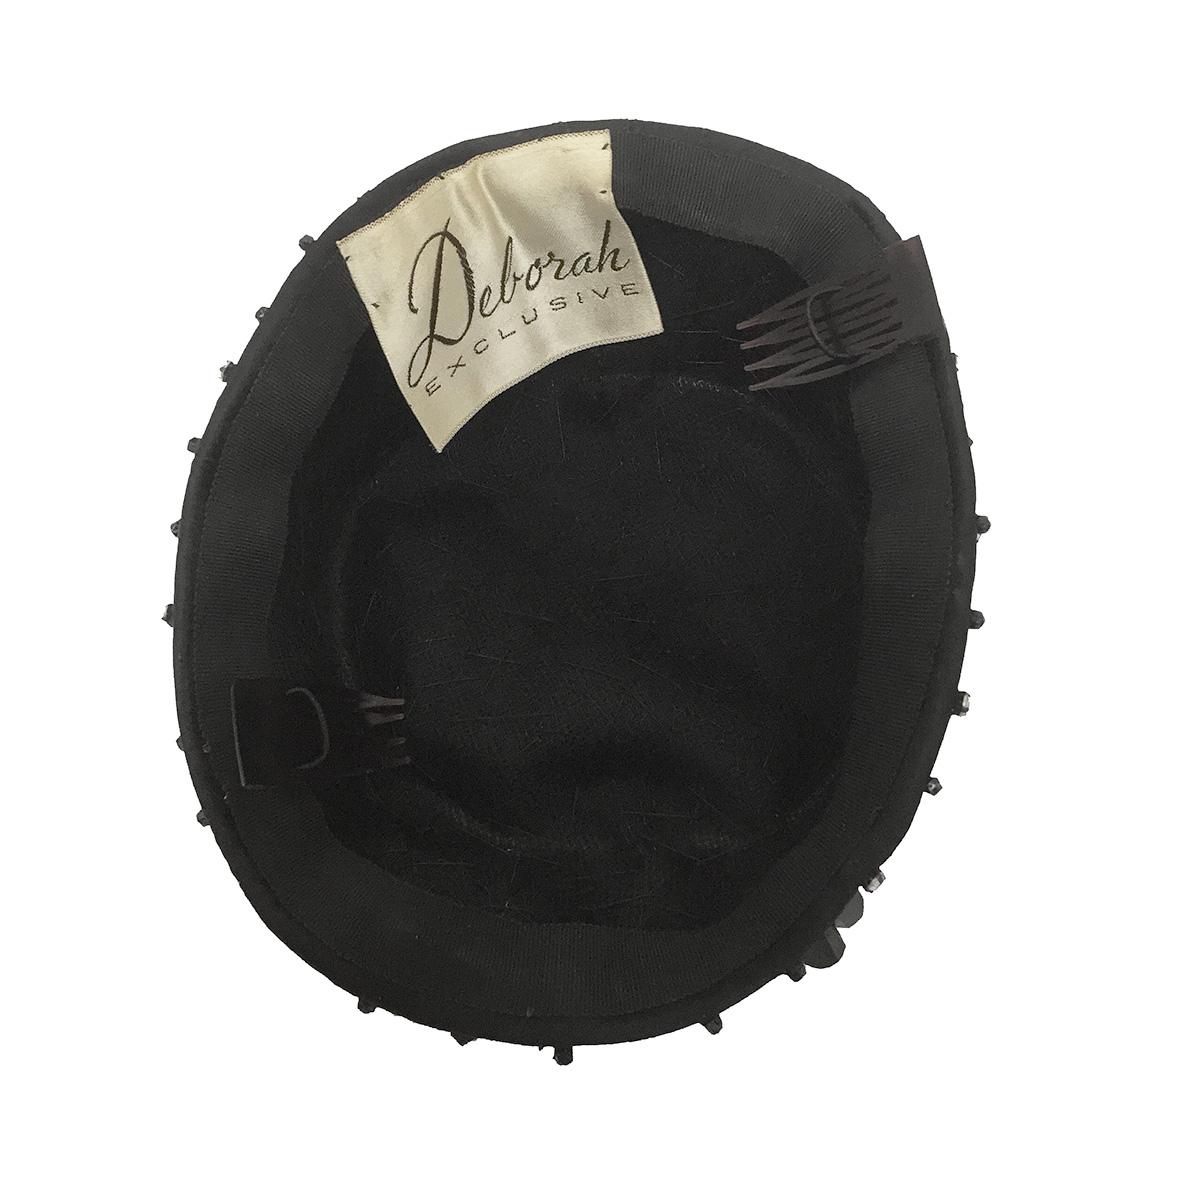 Deborah exclusive hat label